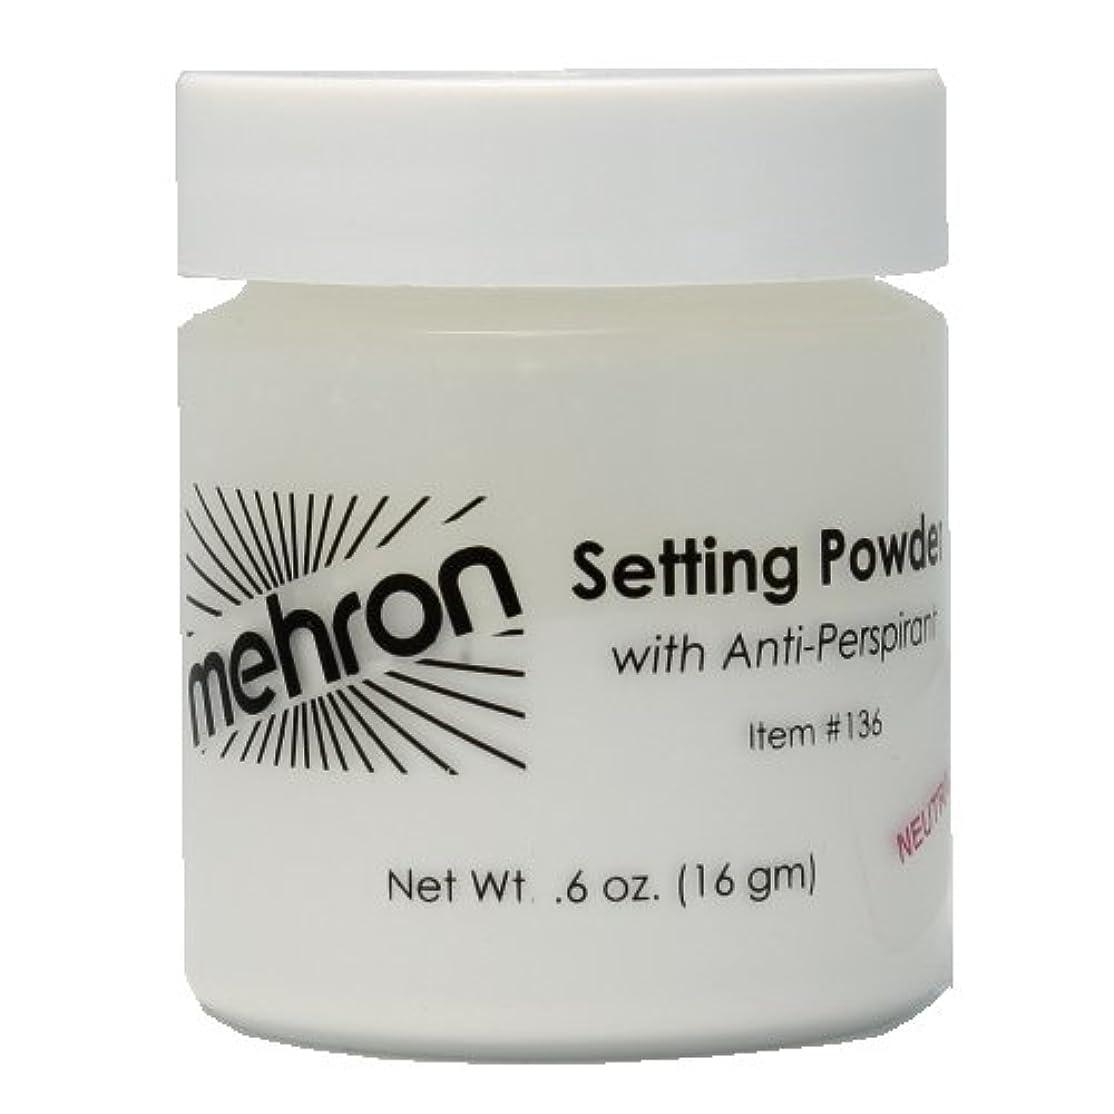 団結する撤回する打撃(3 Pack) mehron UltraFine Setting Powder with Anti-Perspriant - Neutral (並行輸入品)